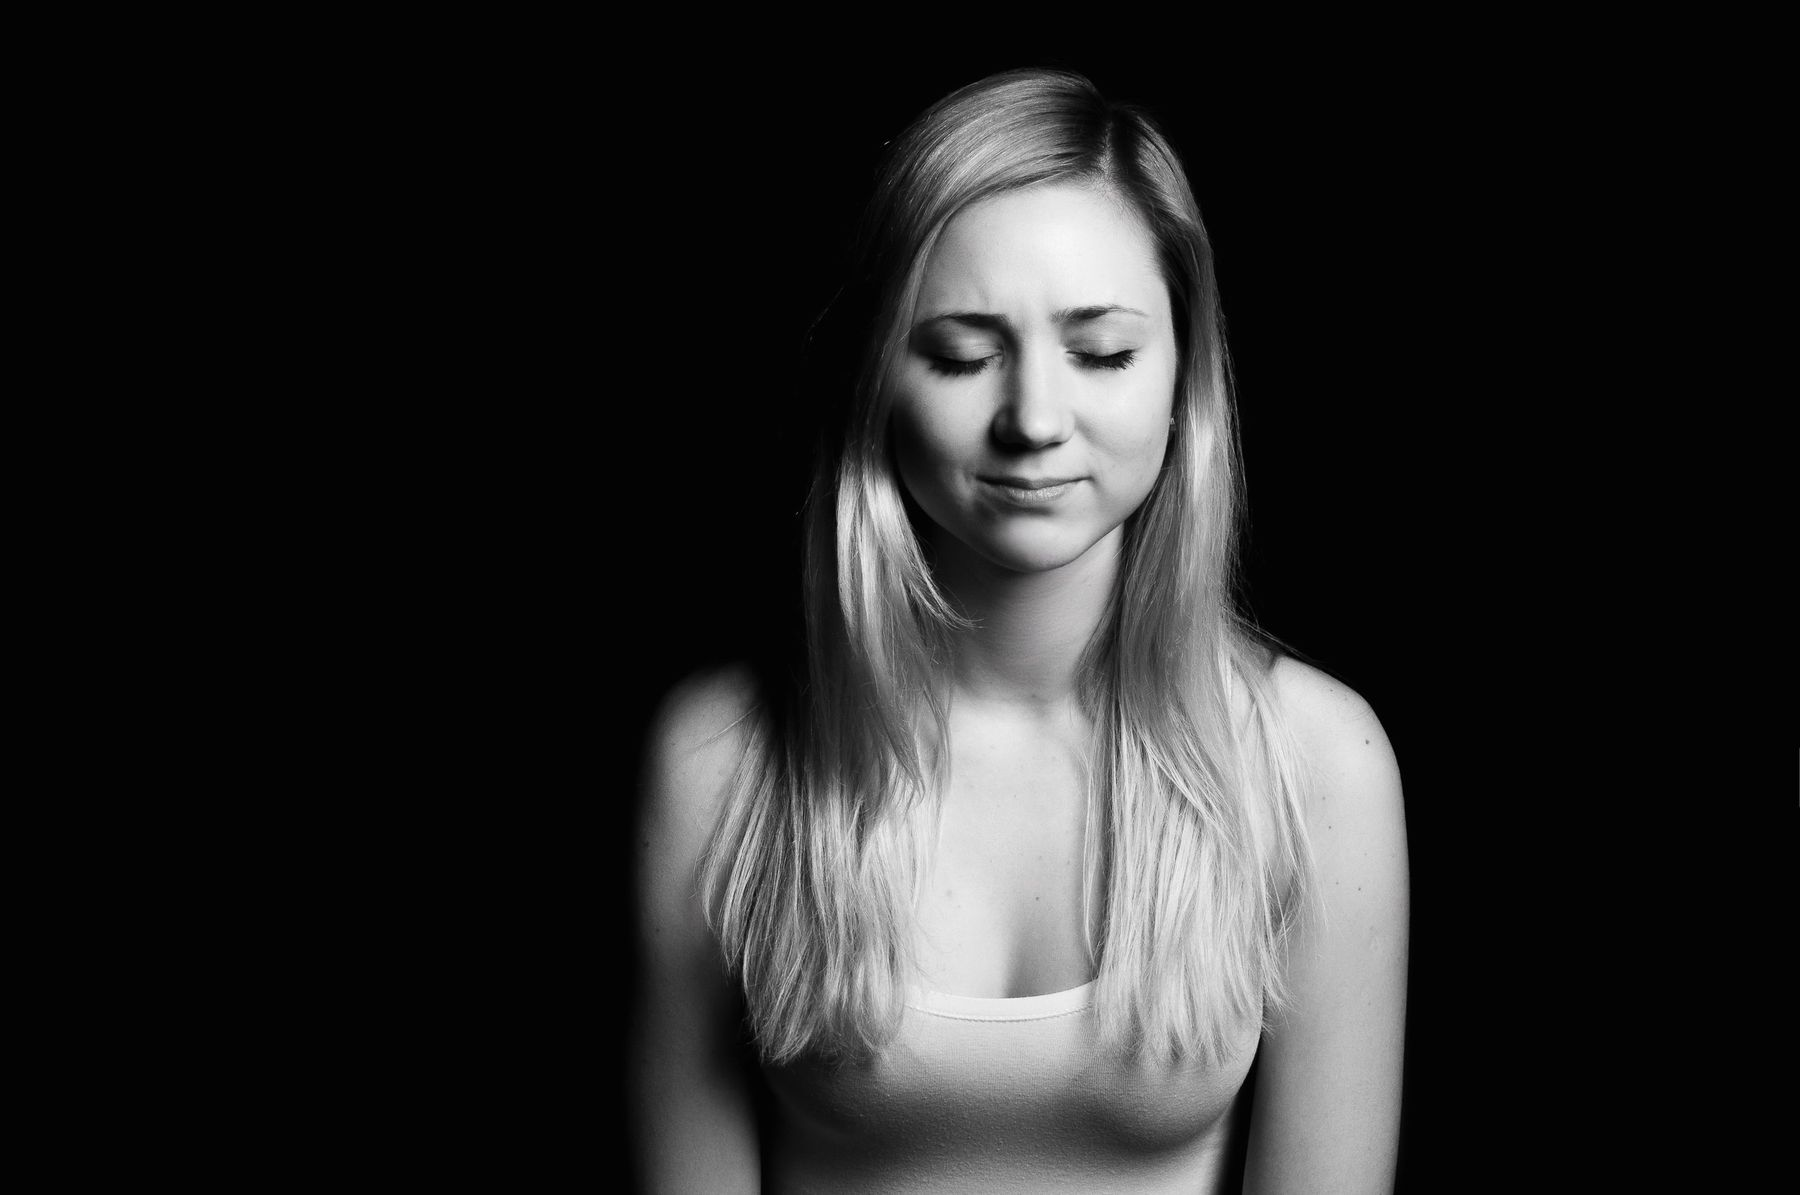 Диалоги портрет эмоции чувства